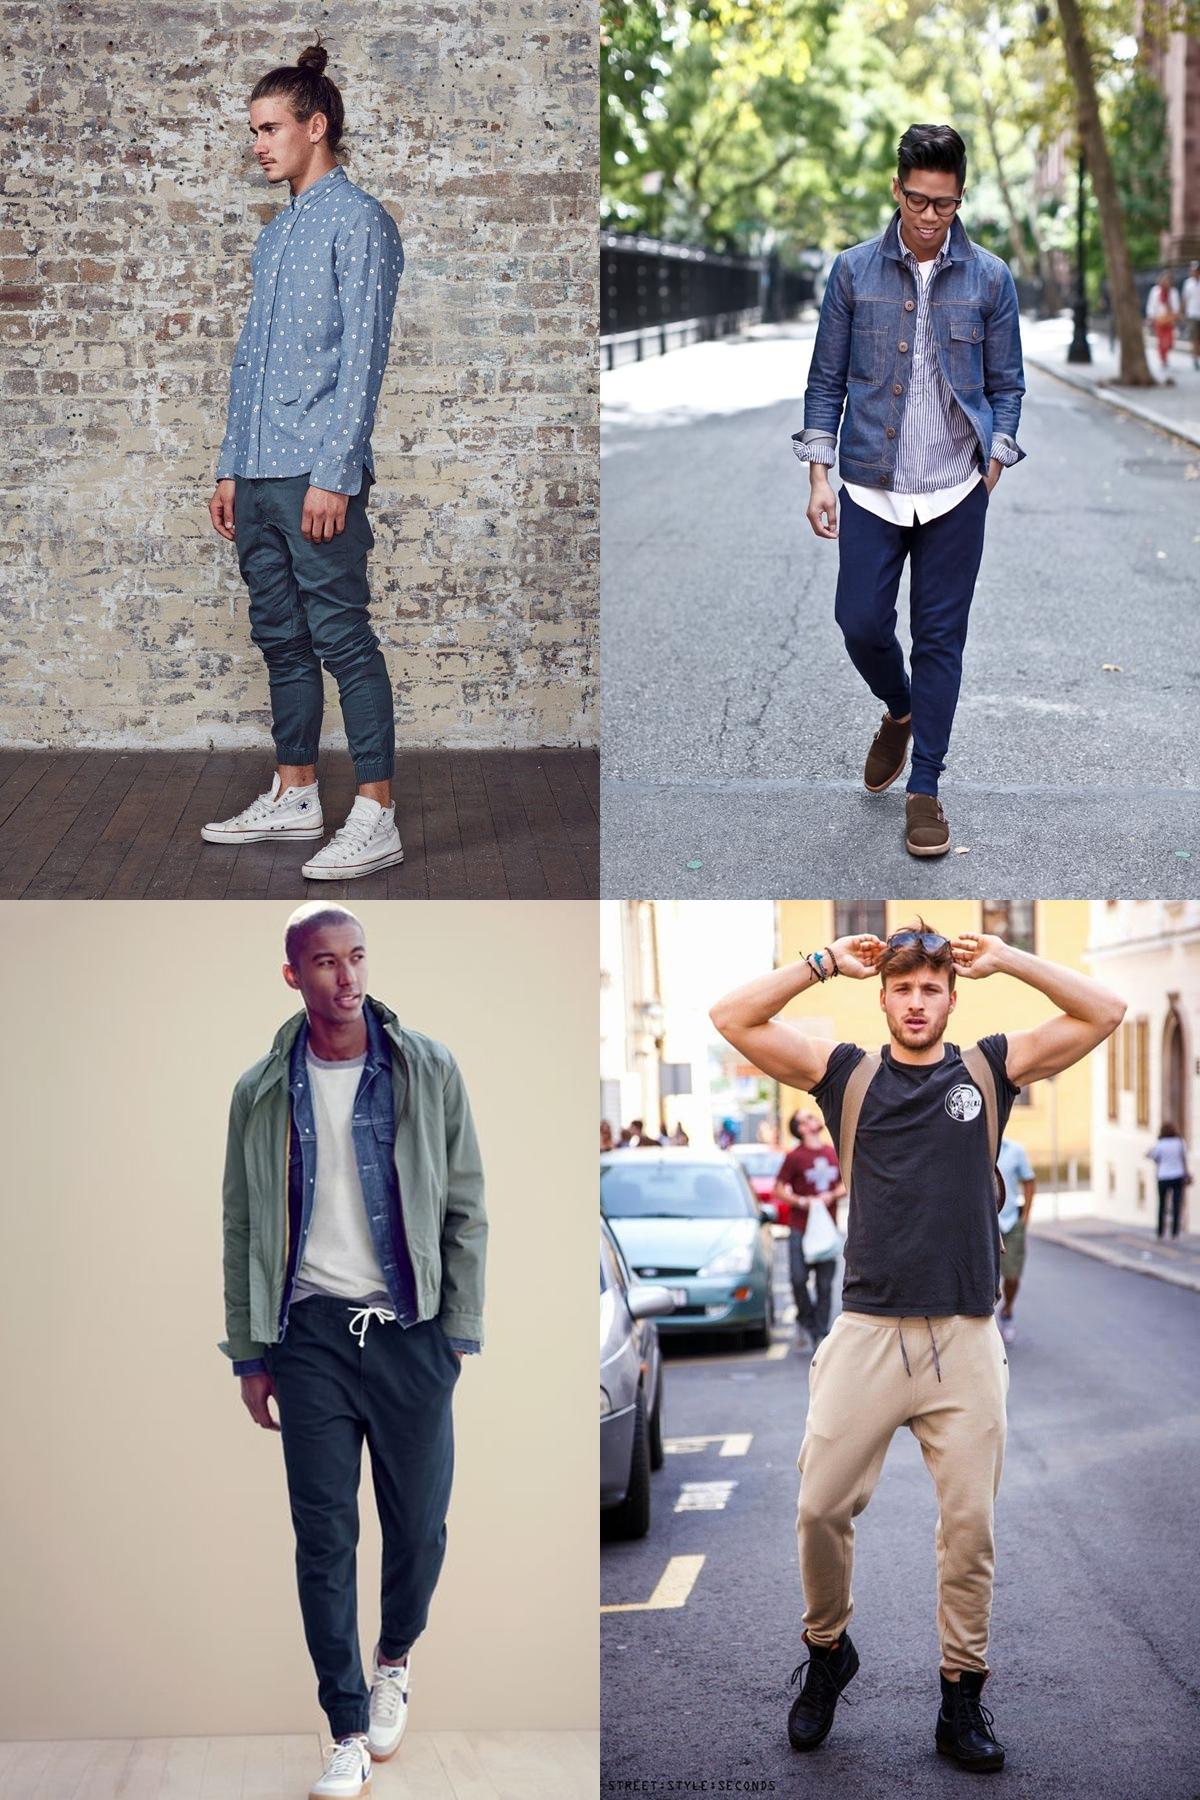 calça de moletom masculino, moletom, calça masculina, dicas de moda, dicas de estilo, moda masculina, fashion blogger, blog de moda, alex cursino, moda sem censura, menswear, style, 3